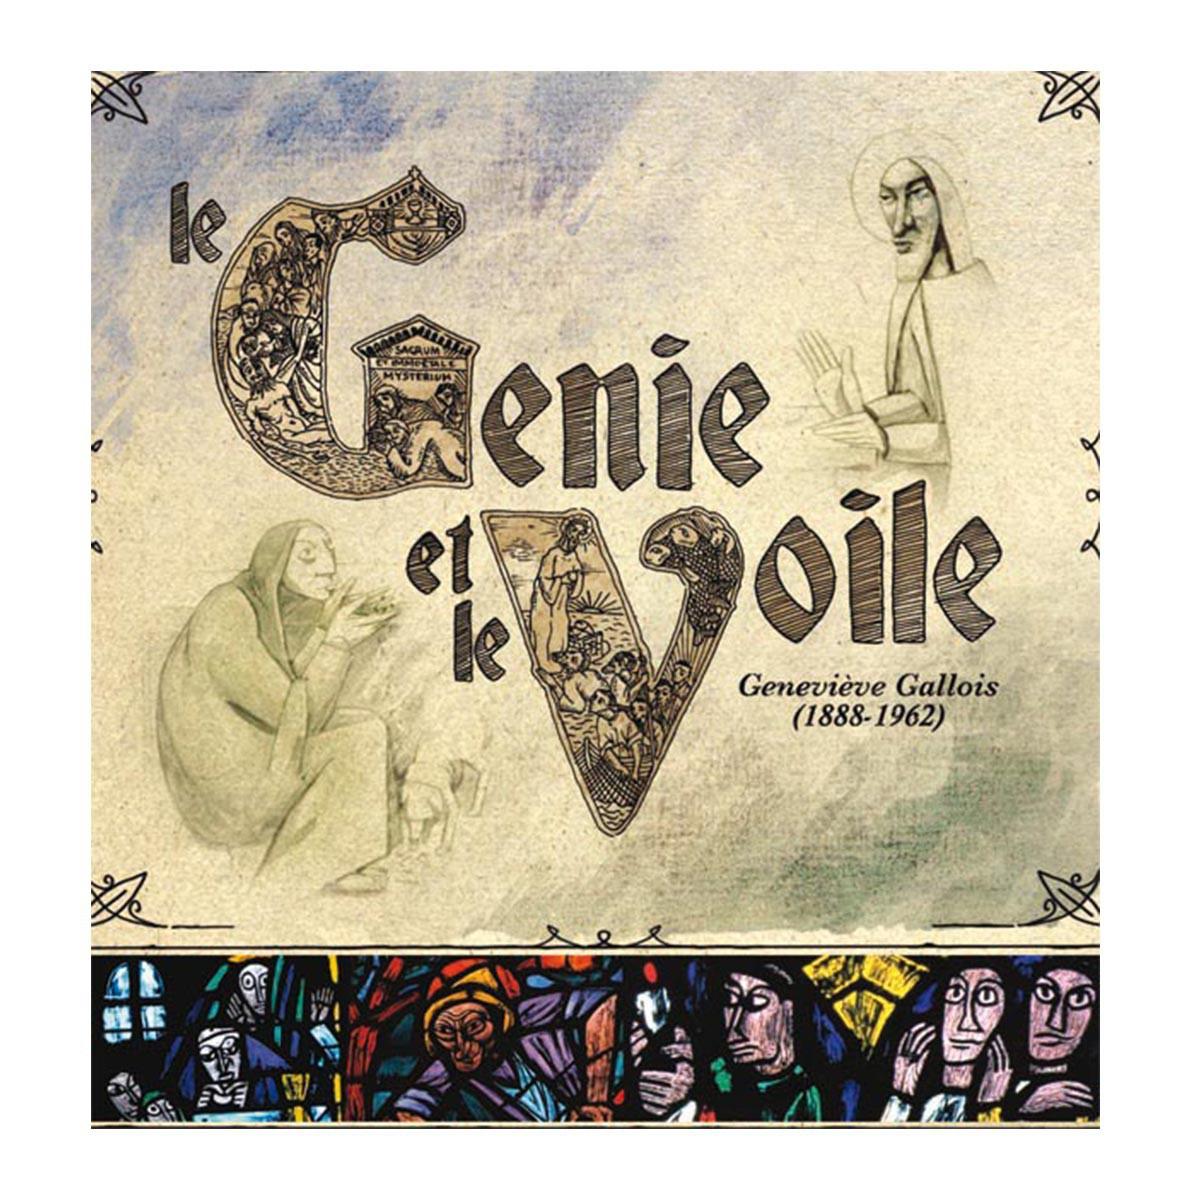 le-genie-et-le-voile-genevieve-gallois-1888-1962-dvd